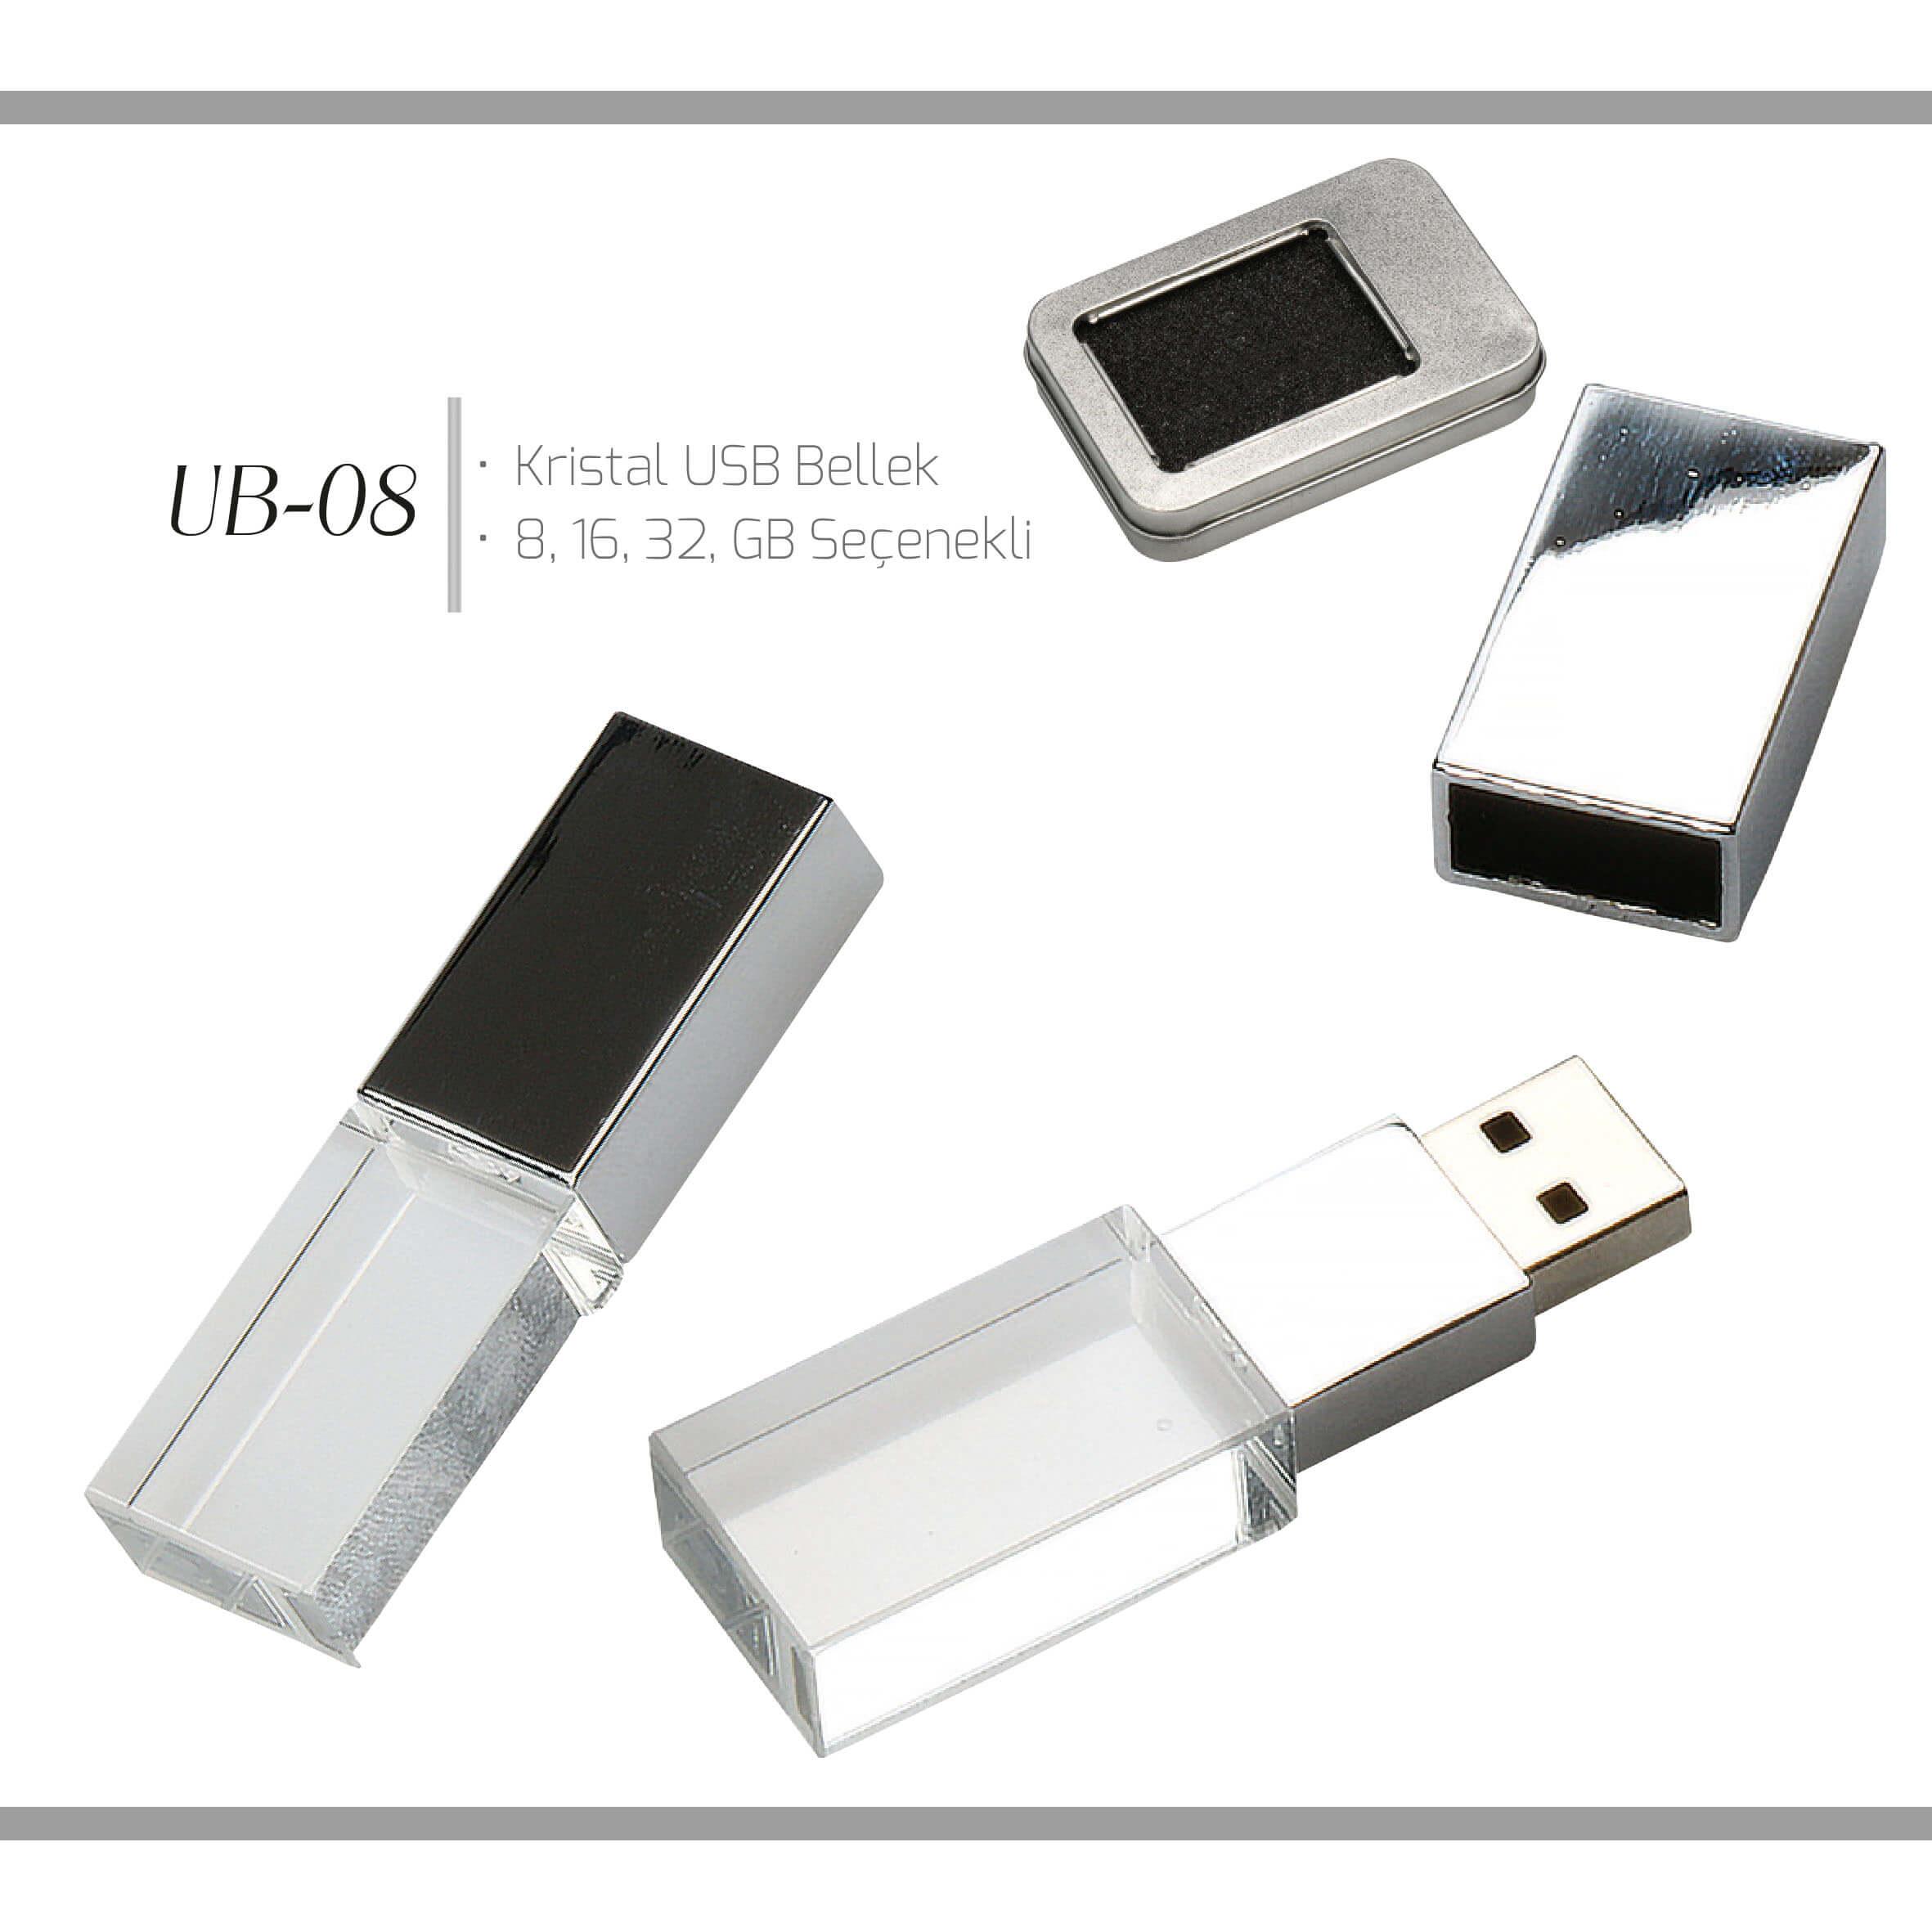 promosyon-promosyon ürünleri-usb bellek-promosyon UB-08